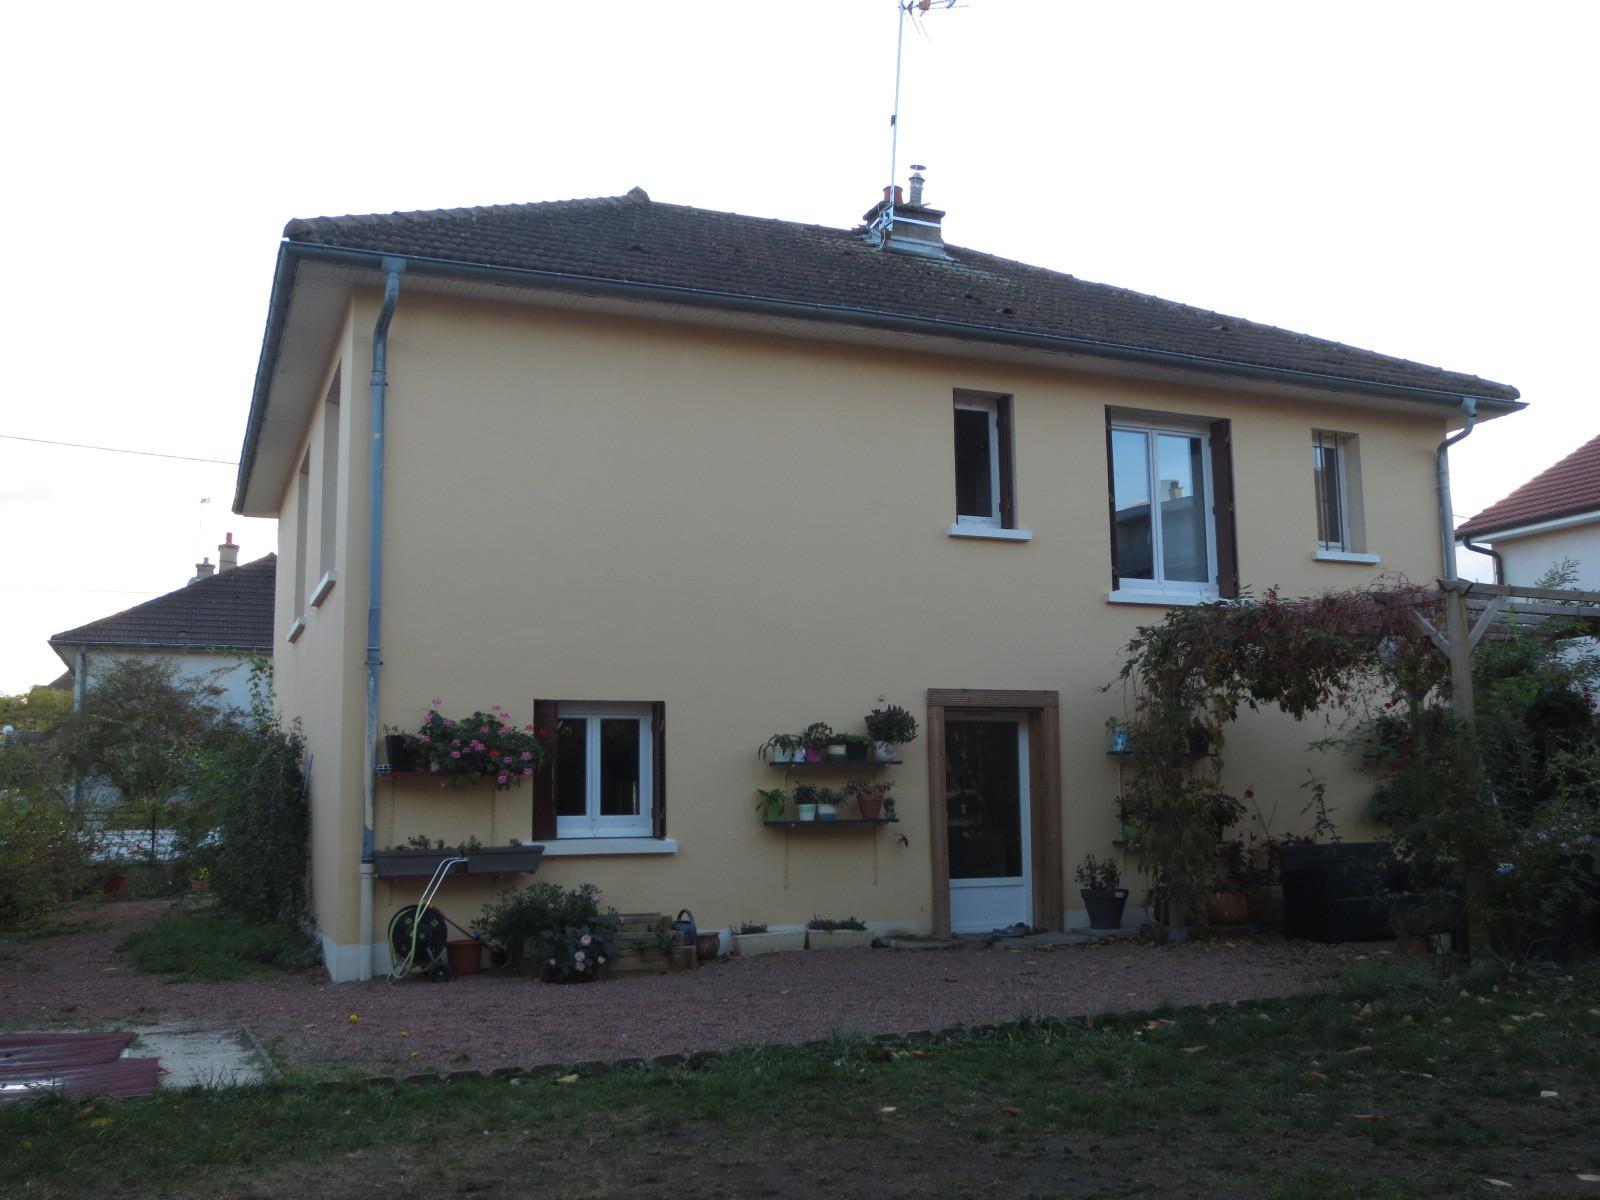 Annonces immobilières en france, région sud, bretagne, sud ouest ... a12c2a859c56